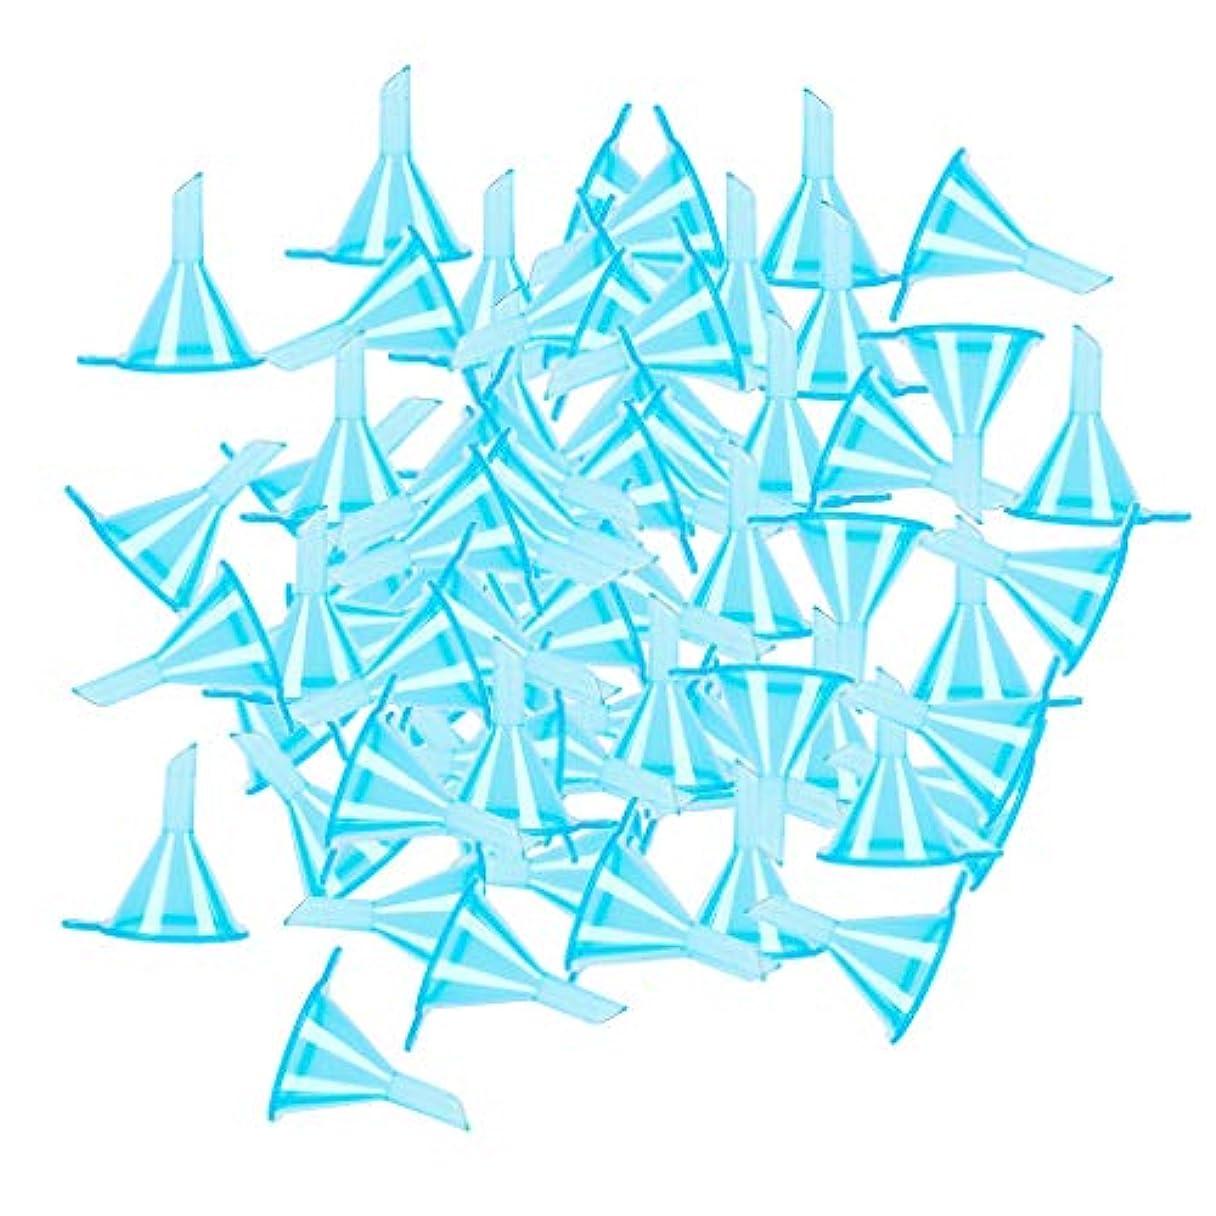 召集する前書き精査するファンネル 漏斗 エッセンシャルオイル 香水ボトルのため 全100点 3カラー選ぶ - ブルー